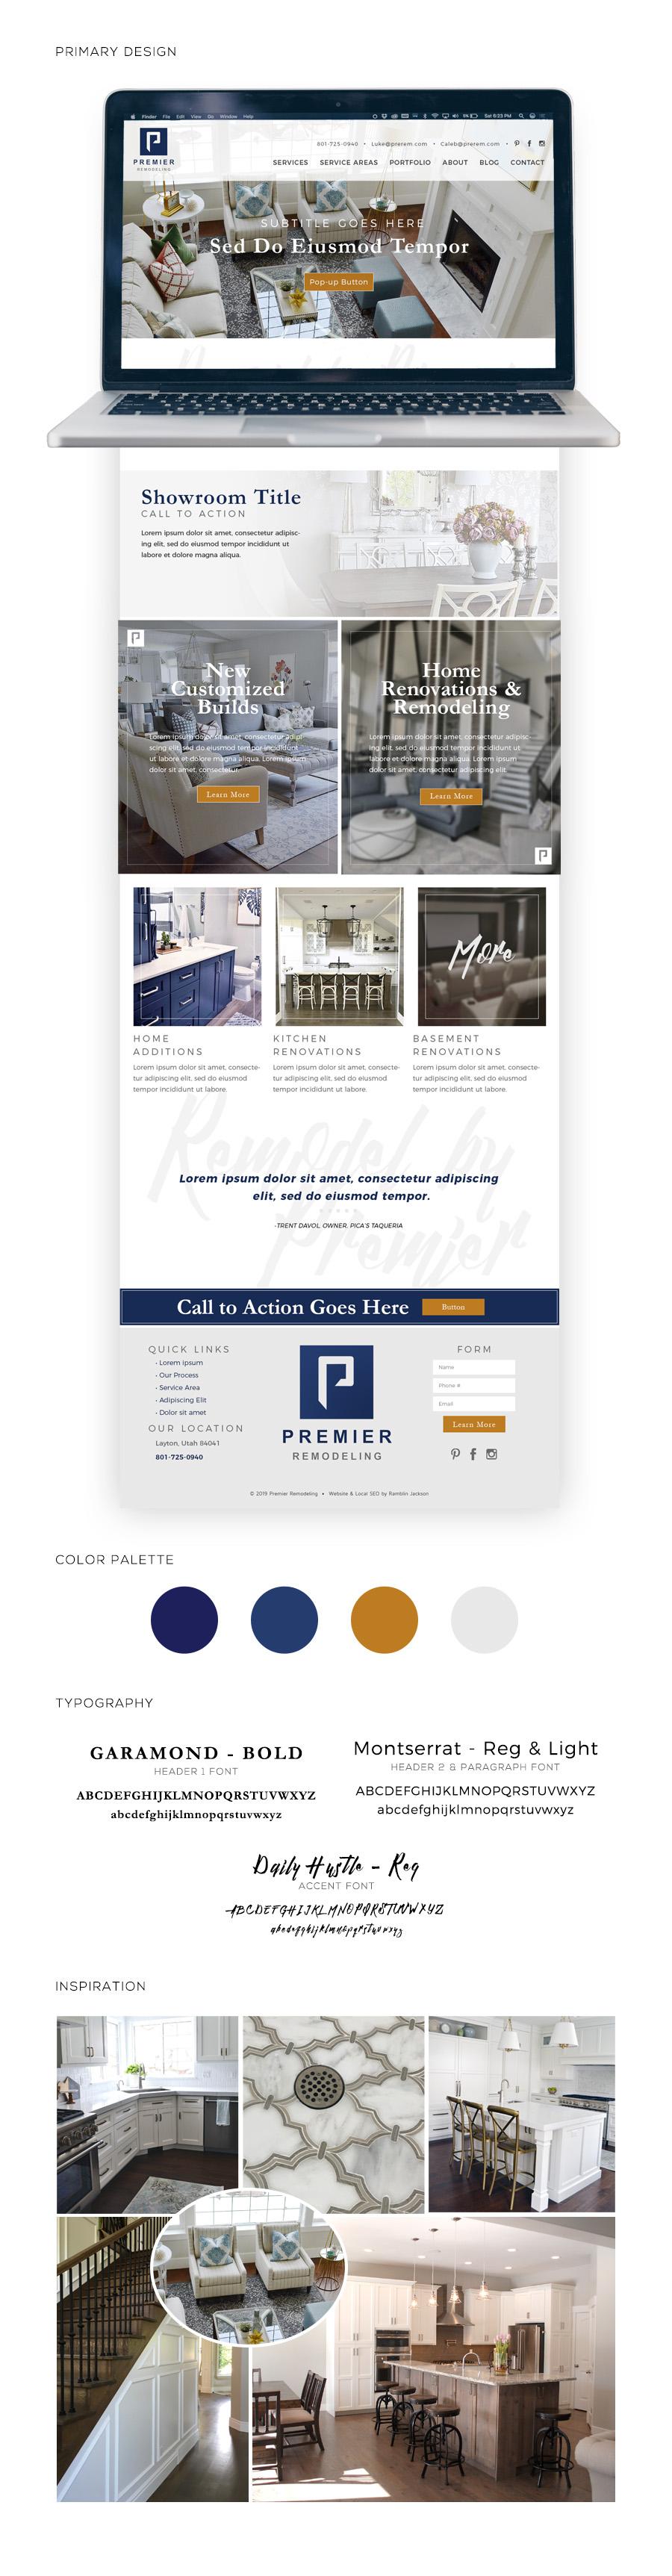 premierremodeling_branding_board.jpg